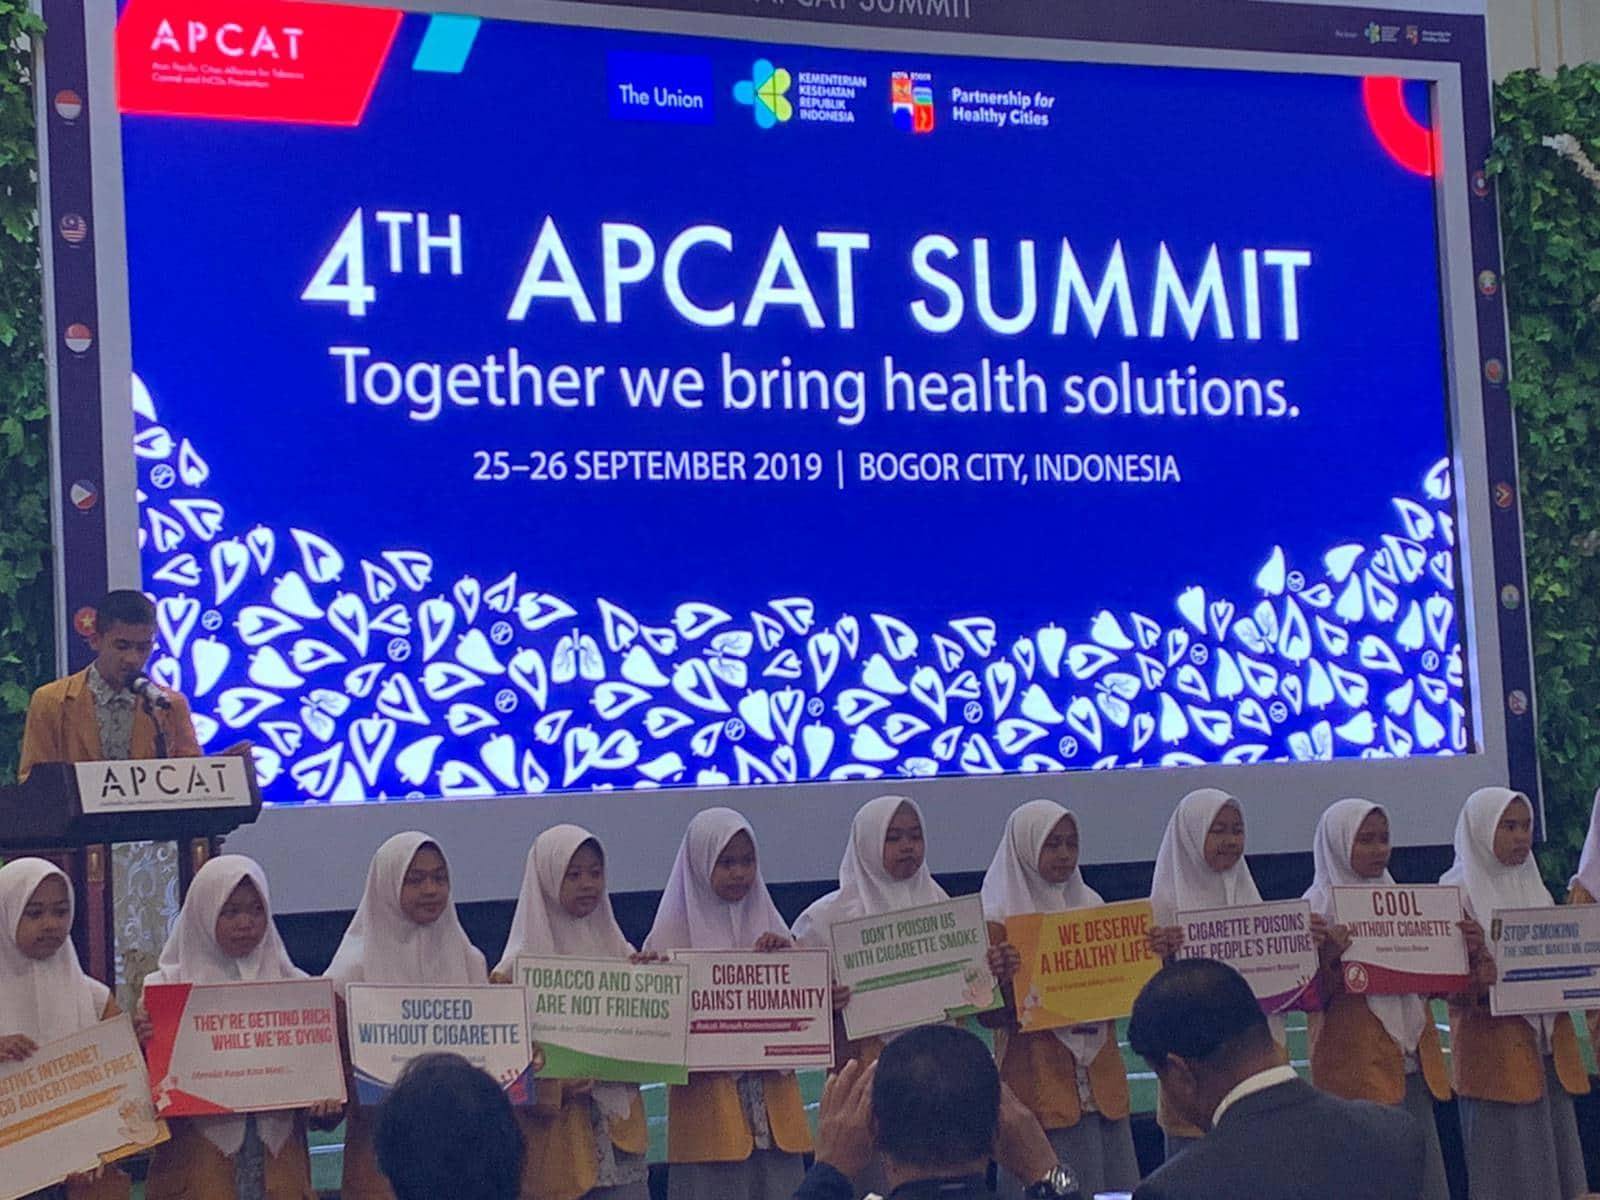 इन्डोनेसियाको बोगोरमा चाैथाे 'एपिक्याट' सम्मेलन शुरु